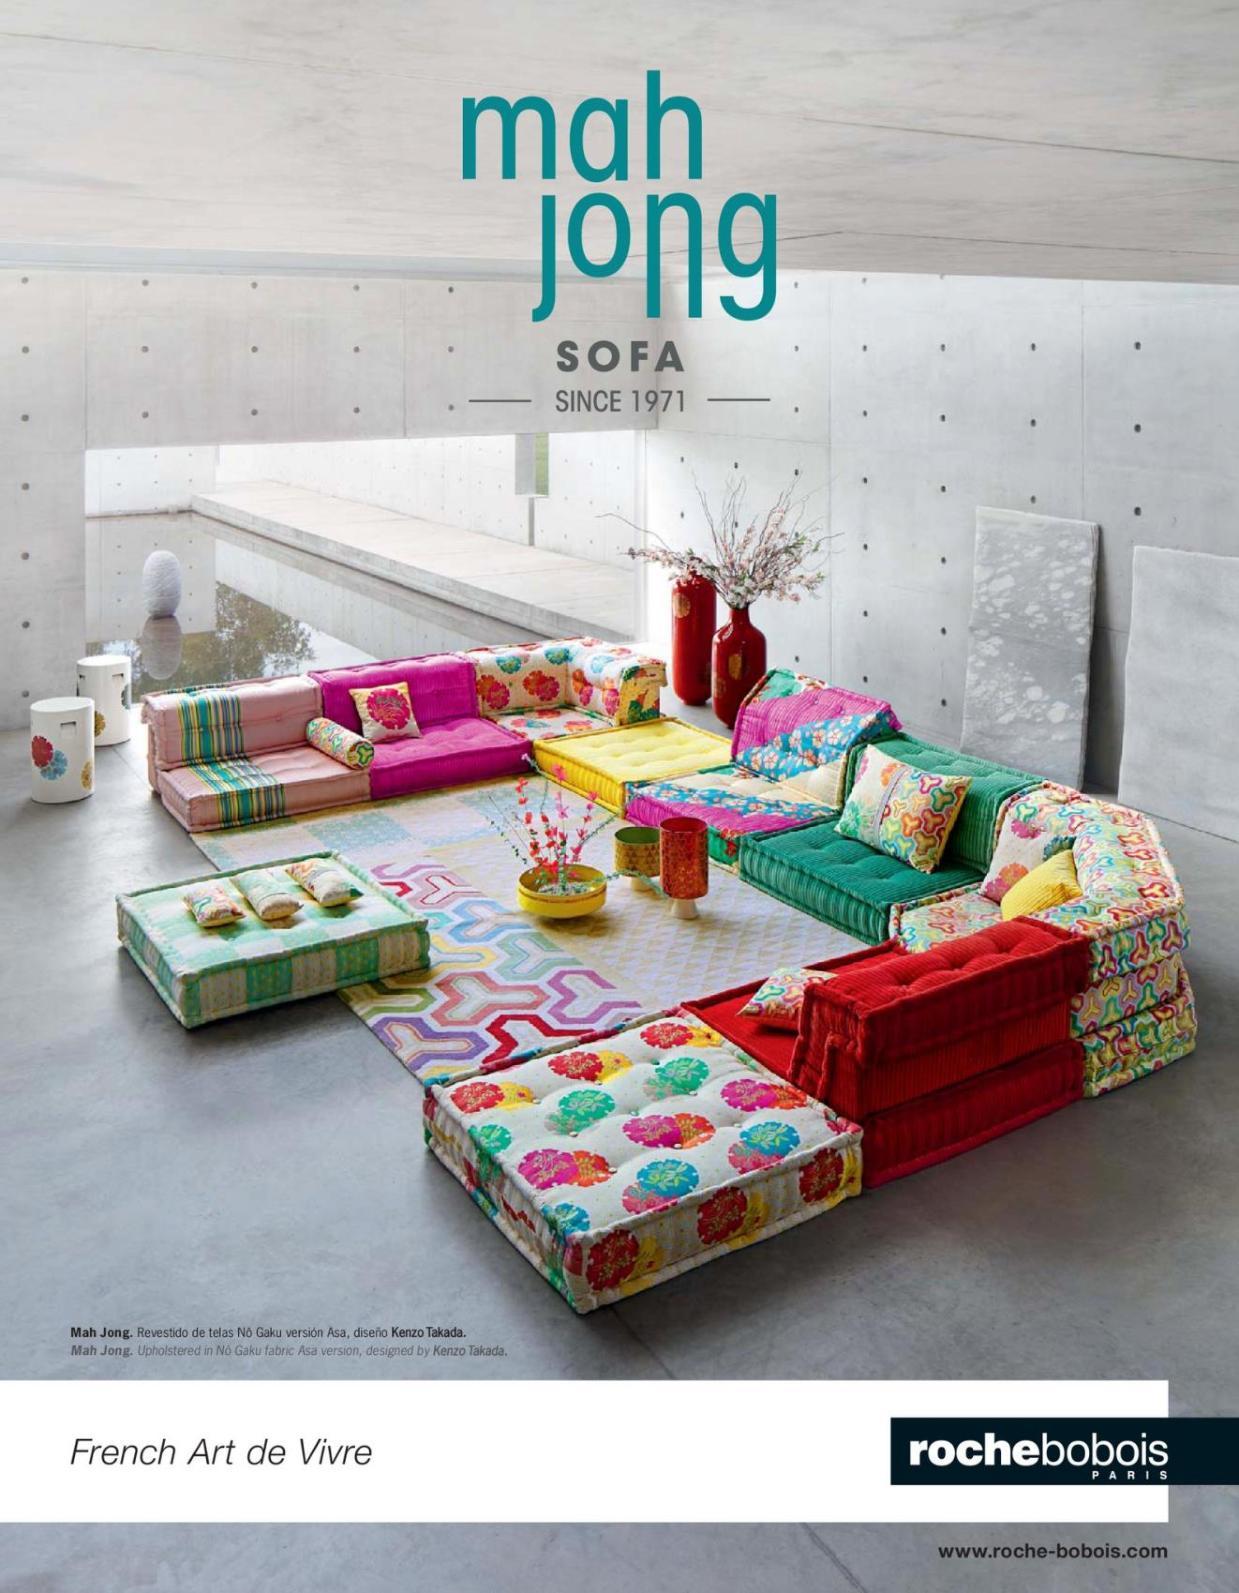 Roche Bobois - 2019/07/05 - Catálogo Roche Bobois